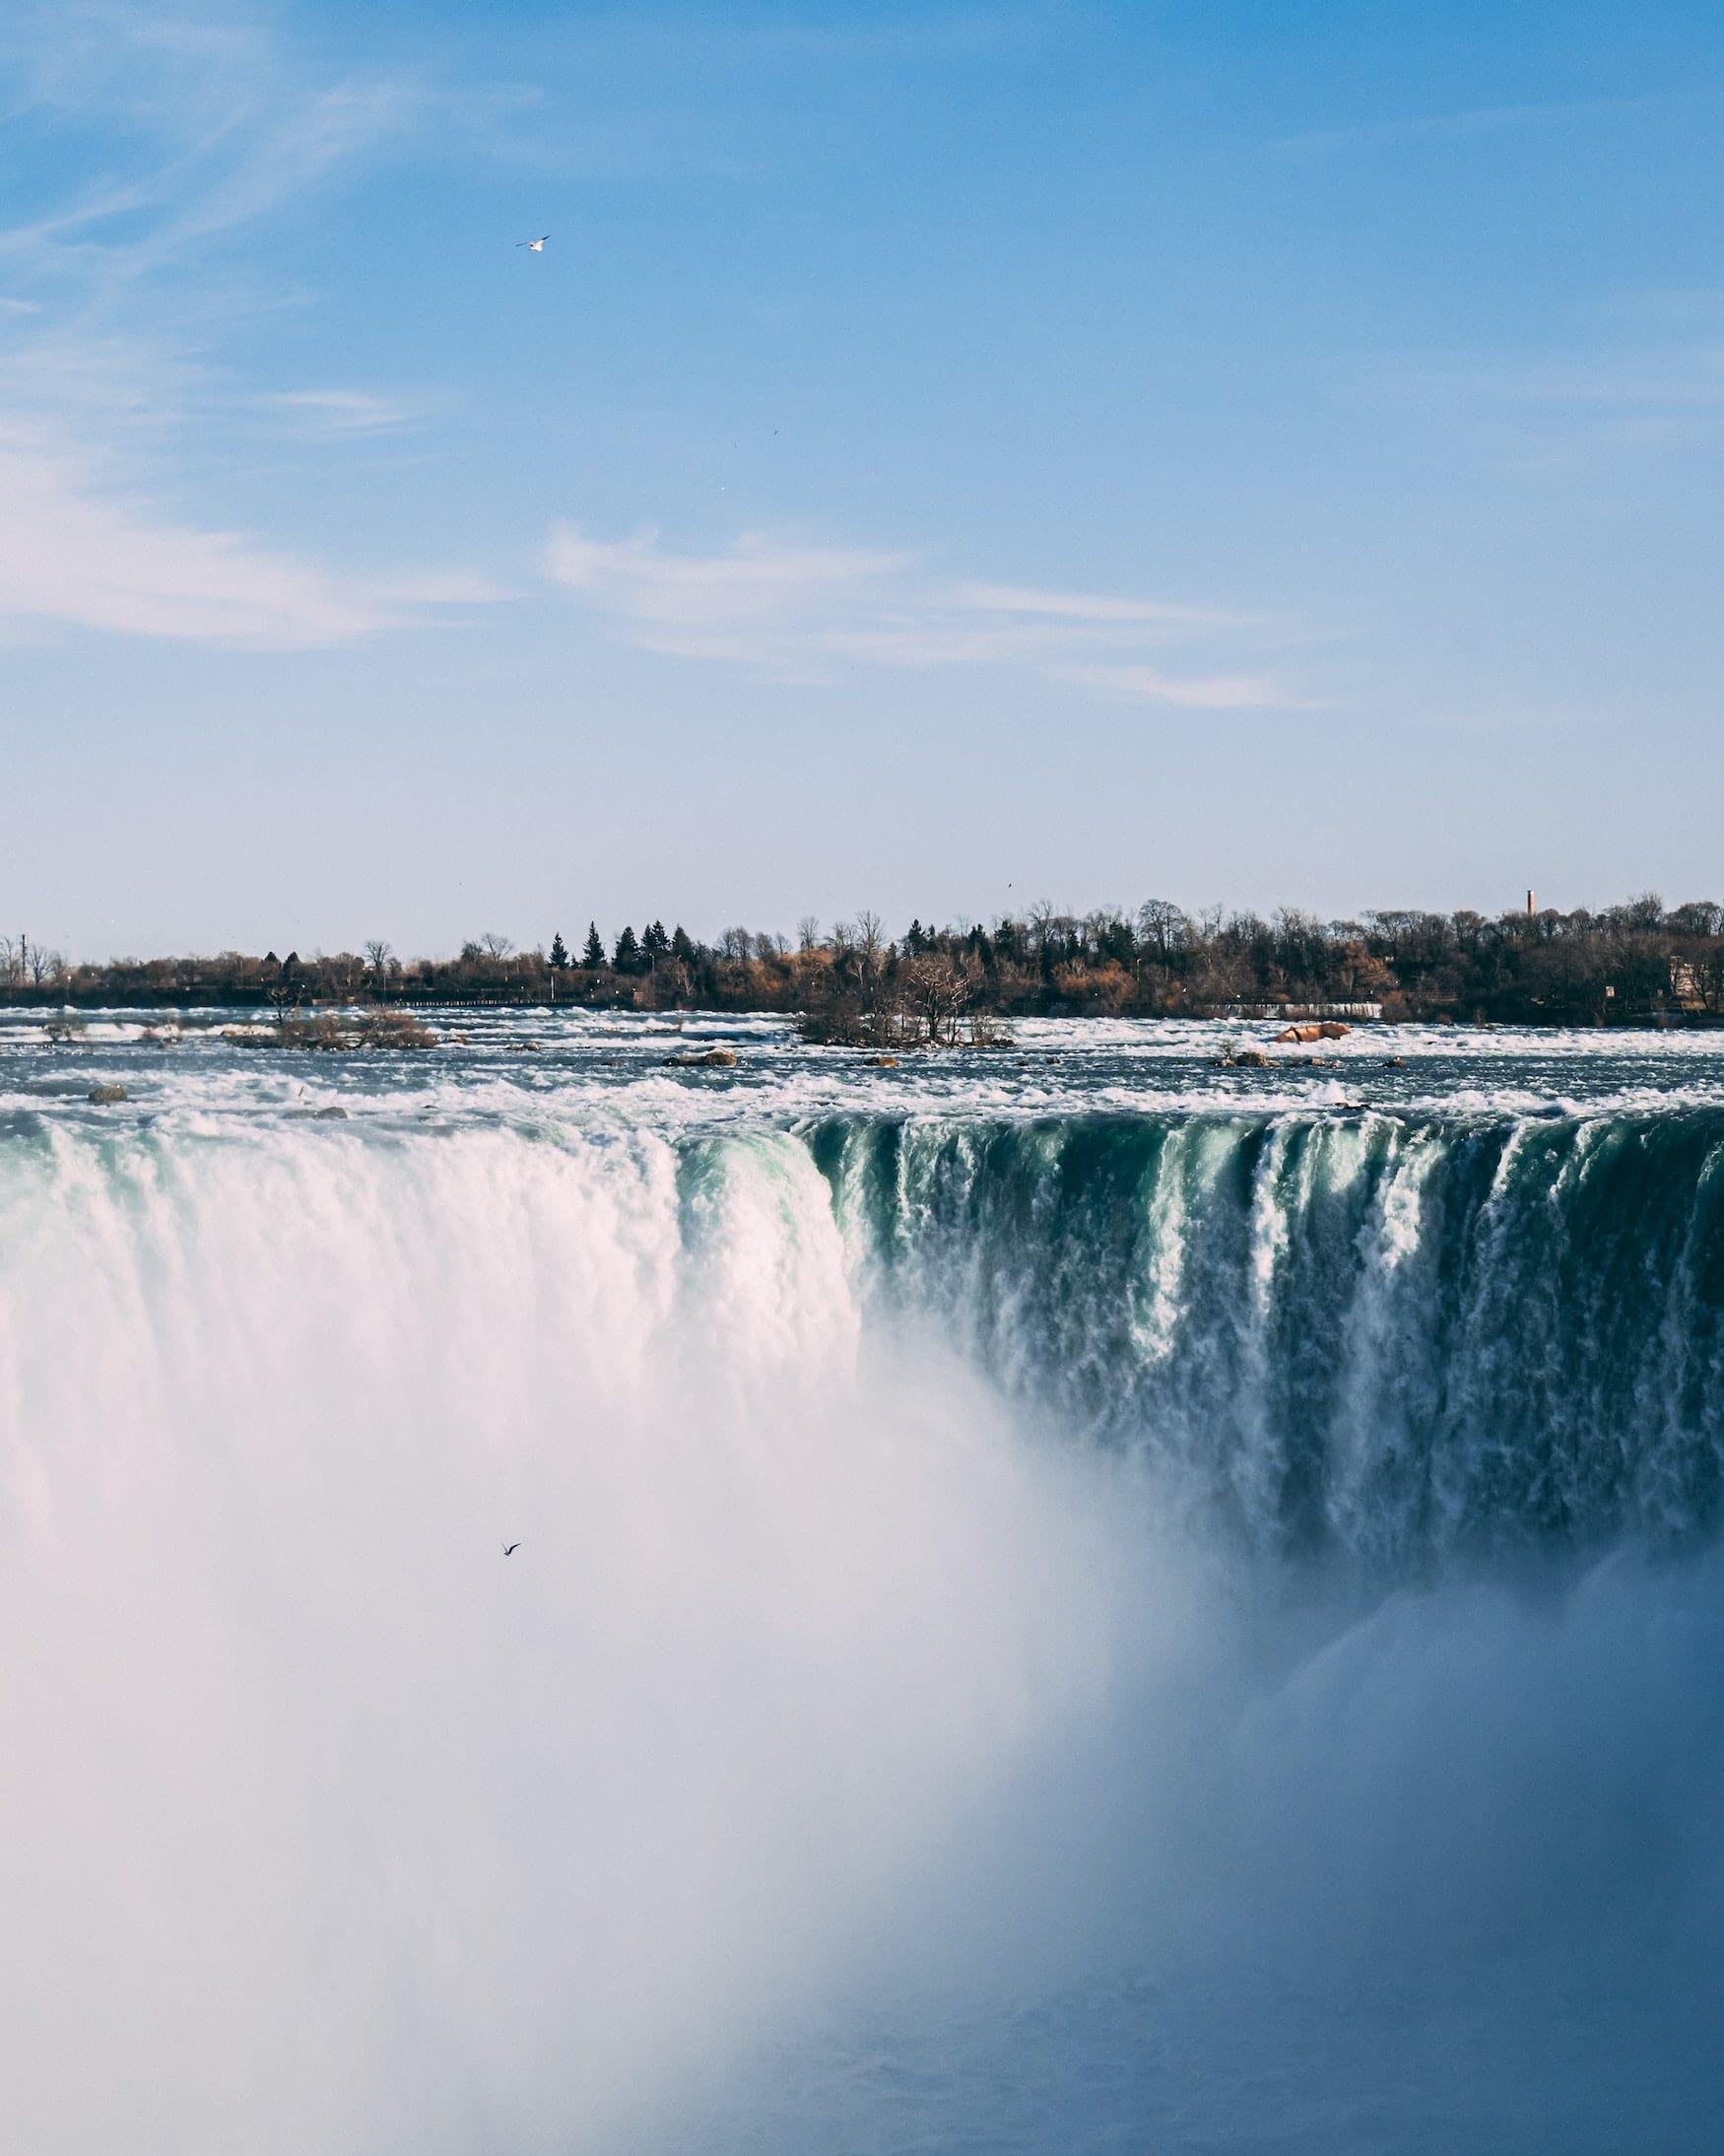 Niagarafälle in Kanada sind nicht die höchsten Wasserfälle der Welt, das ist ein Reise Irrtum